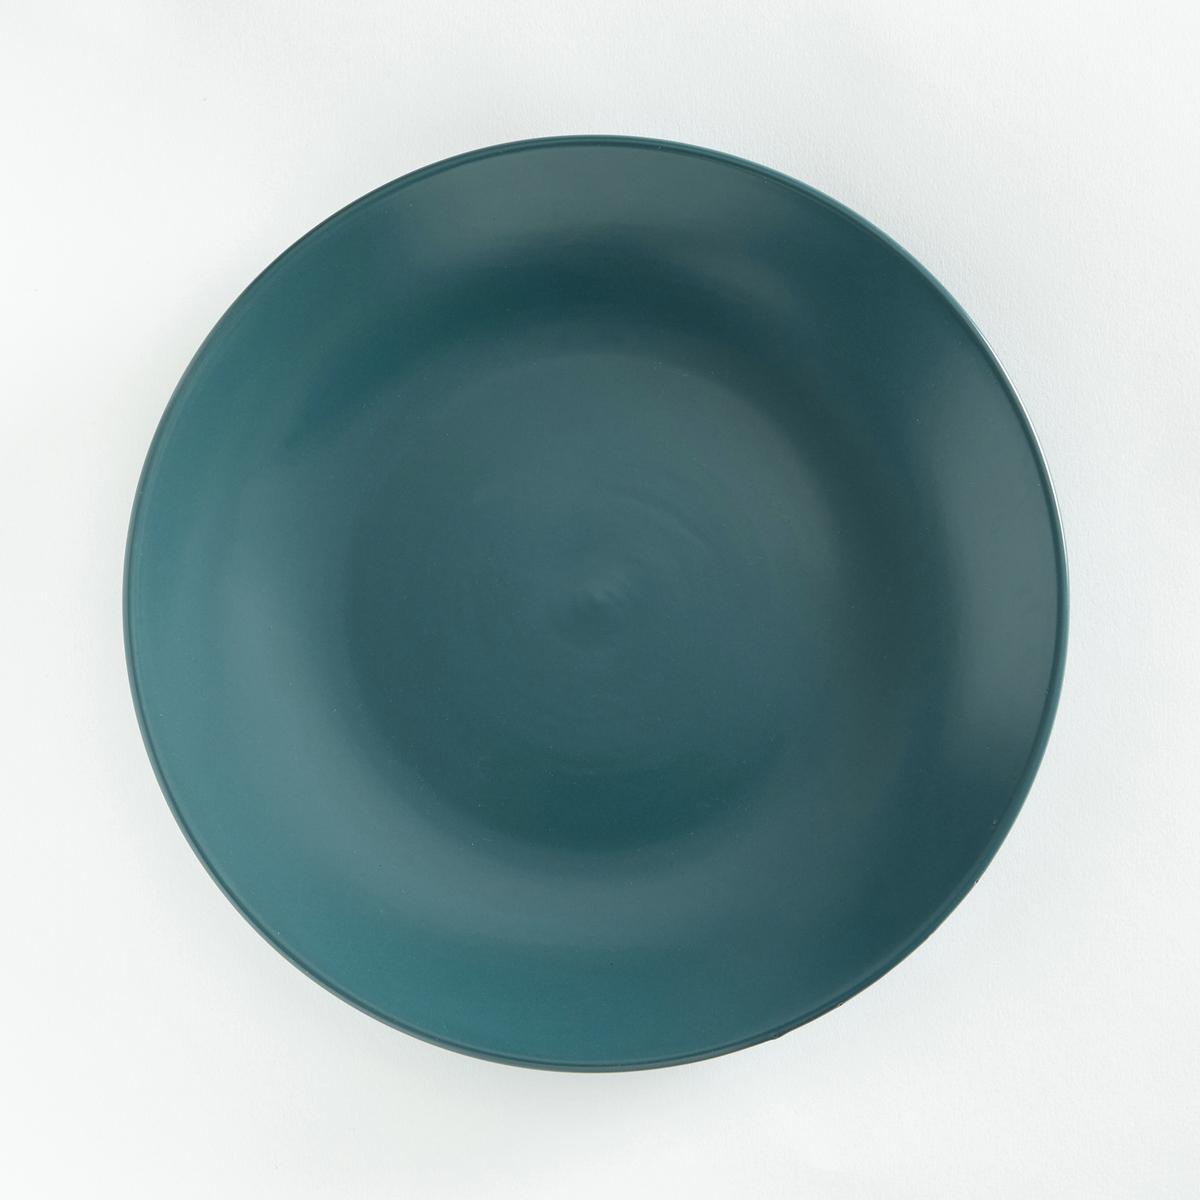 Комплект из 4 мелких тарелок из фаянса с матовой отделкой, M?lya4 мелкие тарелки из фаянса с матовой отделкой M?lya. Завтрак, обед или ужин, La Redoute Int?rieurs Вас приглашает к столу.Характеристики 4 мелких тарелок из фаянса с матовой отделкой M?lya :- Из фаянса с матовой отделкой  .- Диаметр 26,7 см  .- Можно использовать в посудомоечных машинах и микроволновых печах.Десертные и глубокие тарелки M?lya представлены на сайте laredoute.ru<br><br>Цвет: антрацит,бледно-зеленый,горчичный,сине-зеленый